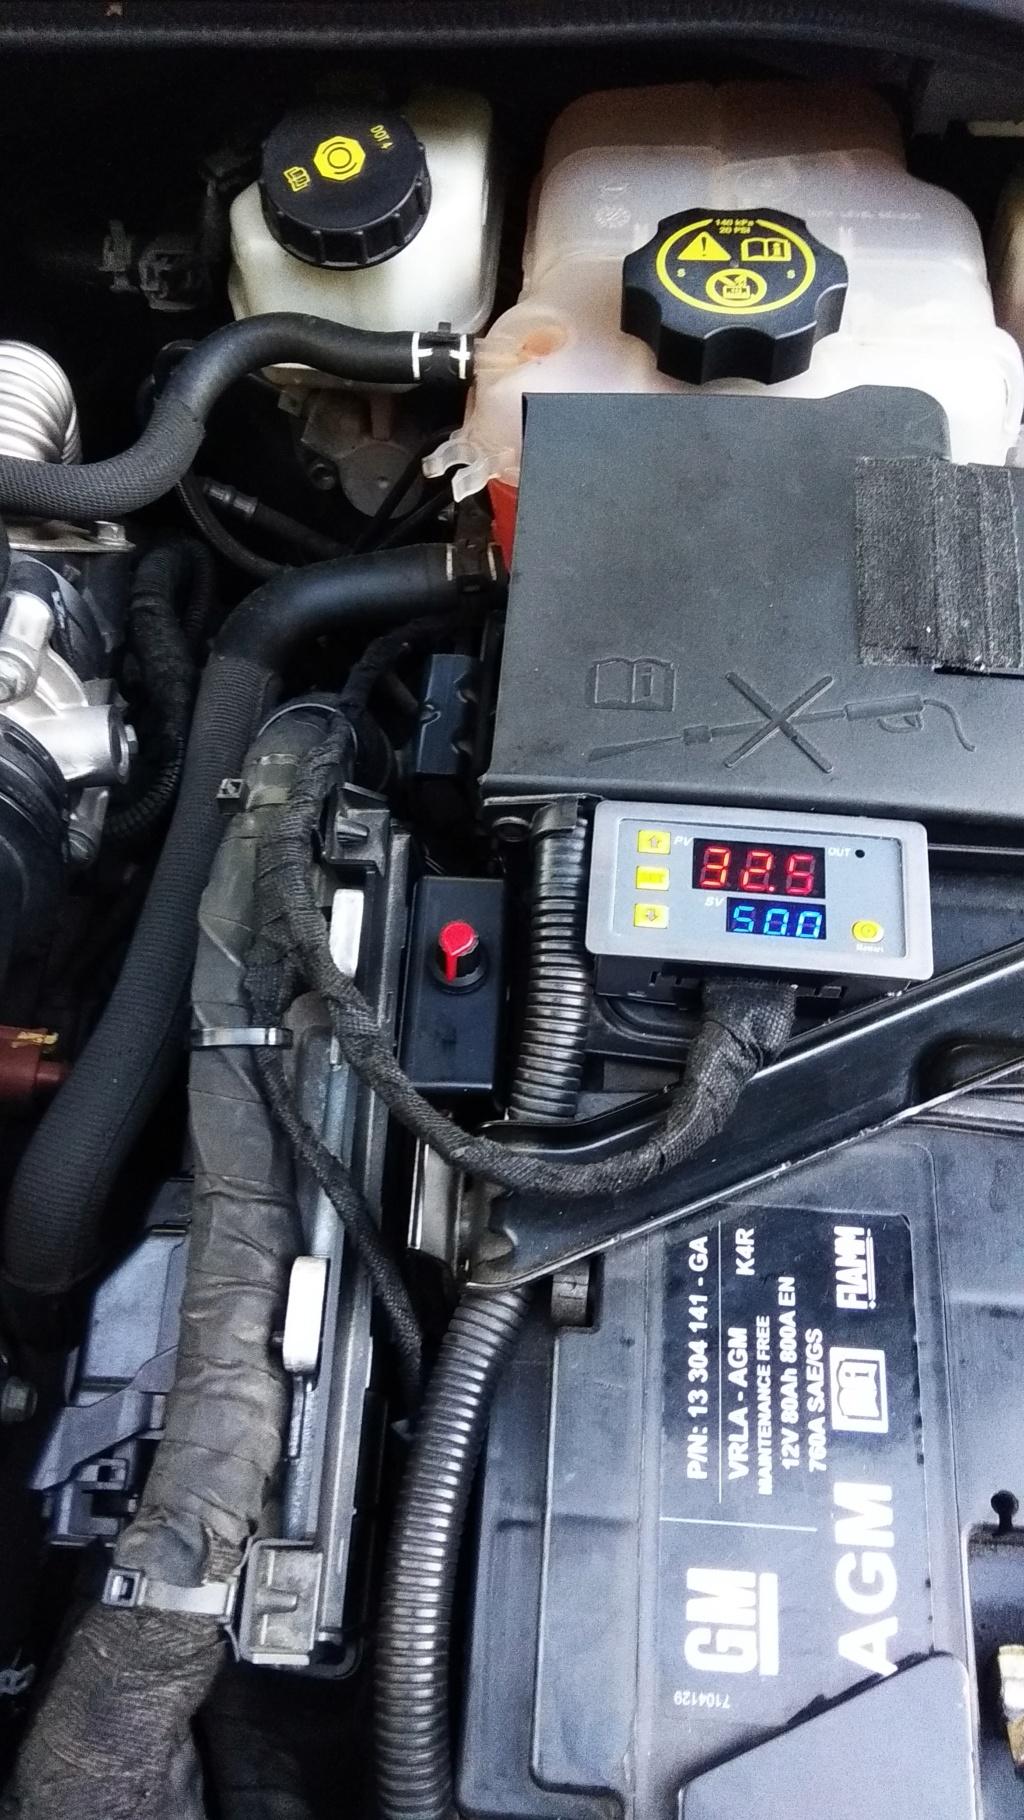 [BRICO J] REFRIGERACIÓN ACTIVA DE LA UNIDAD DE CONTROL DEL MOTOR (motores B16DTL y B16DTH) Img_2038